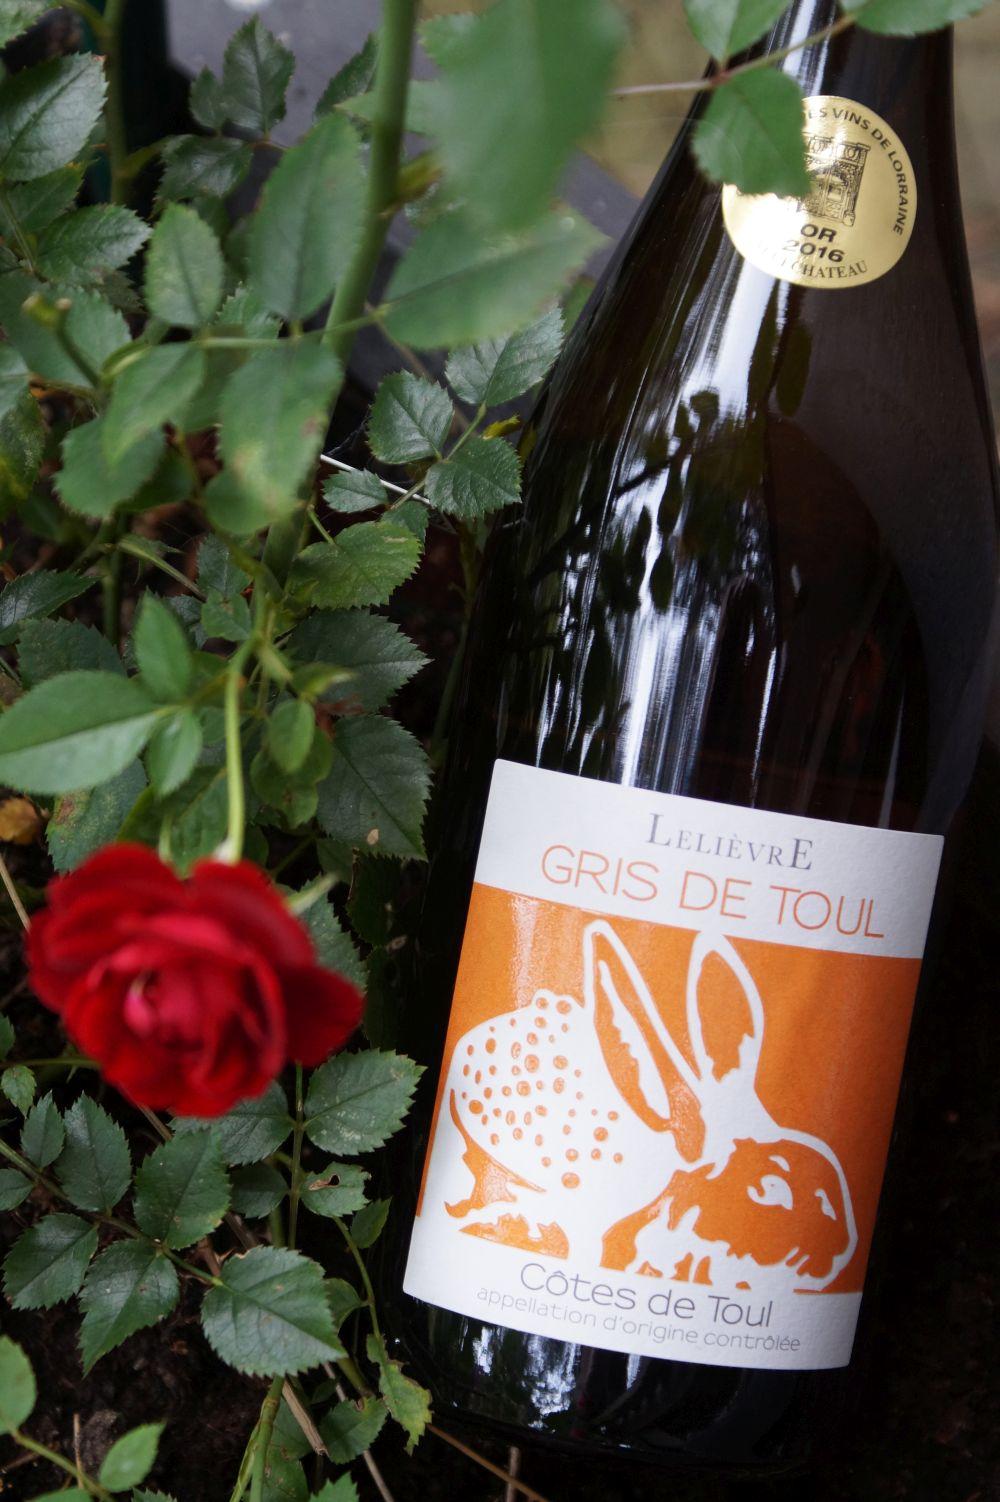 Gris de Toul vom Weingut Lelièvre